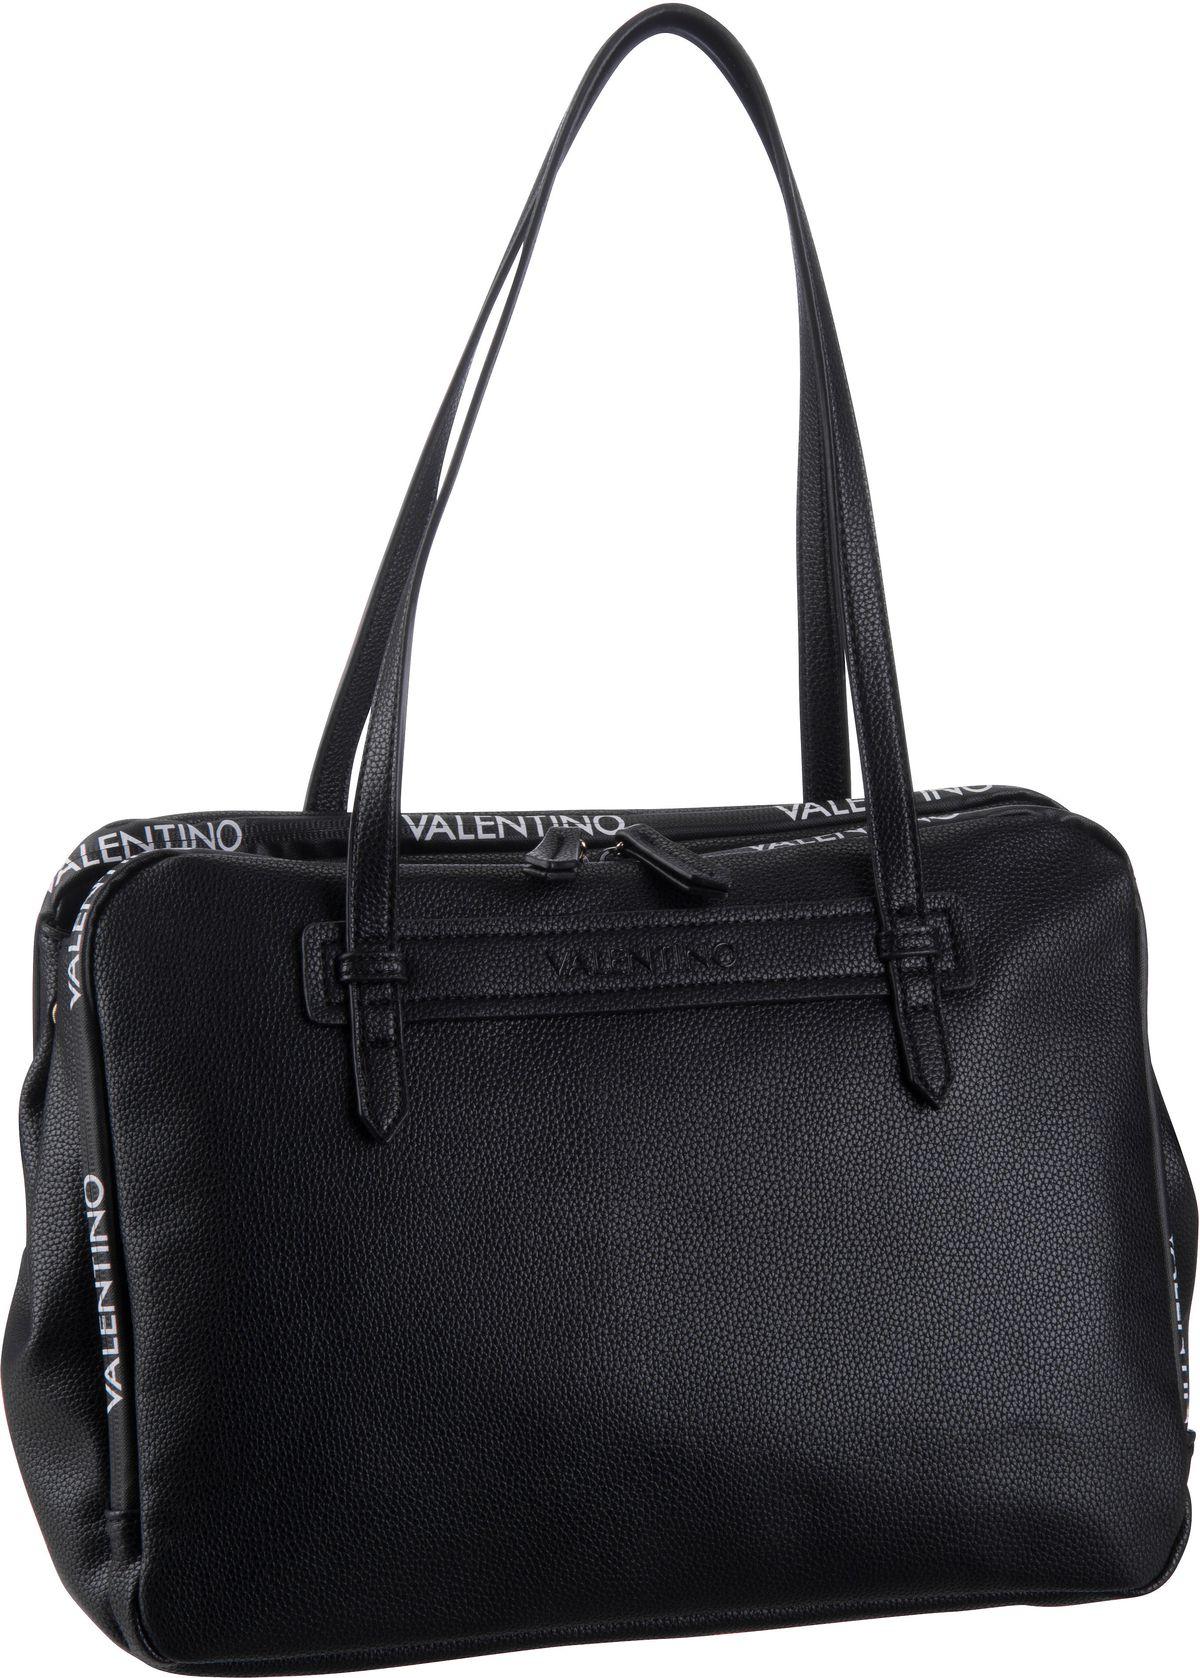 valentino bags -  Handtasche Doxy Porta PC V02 Nero